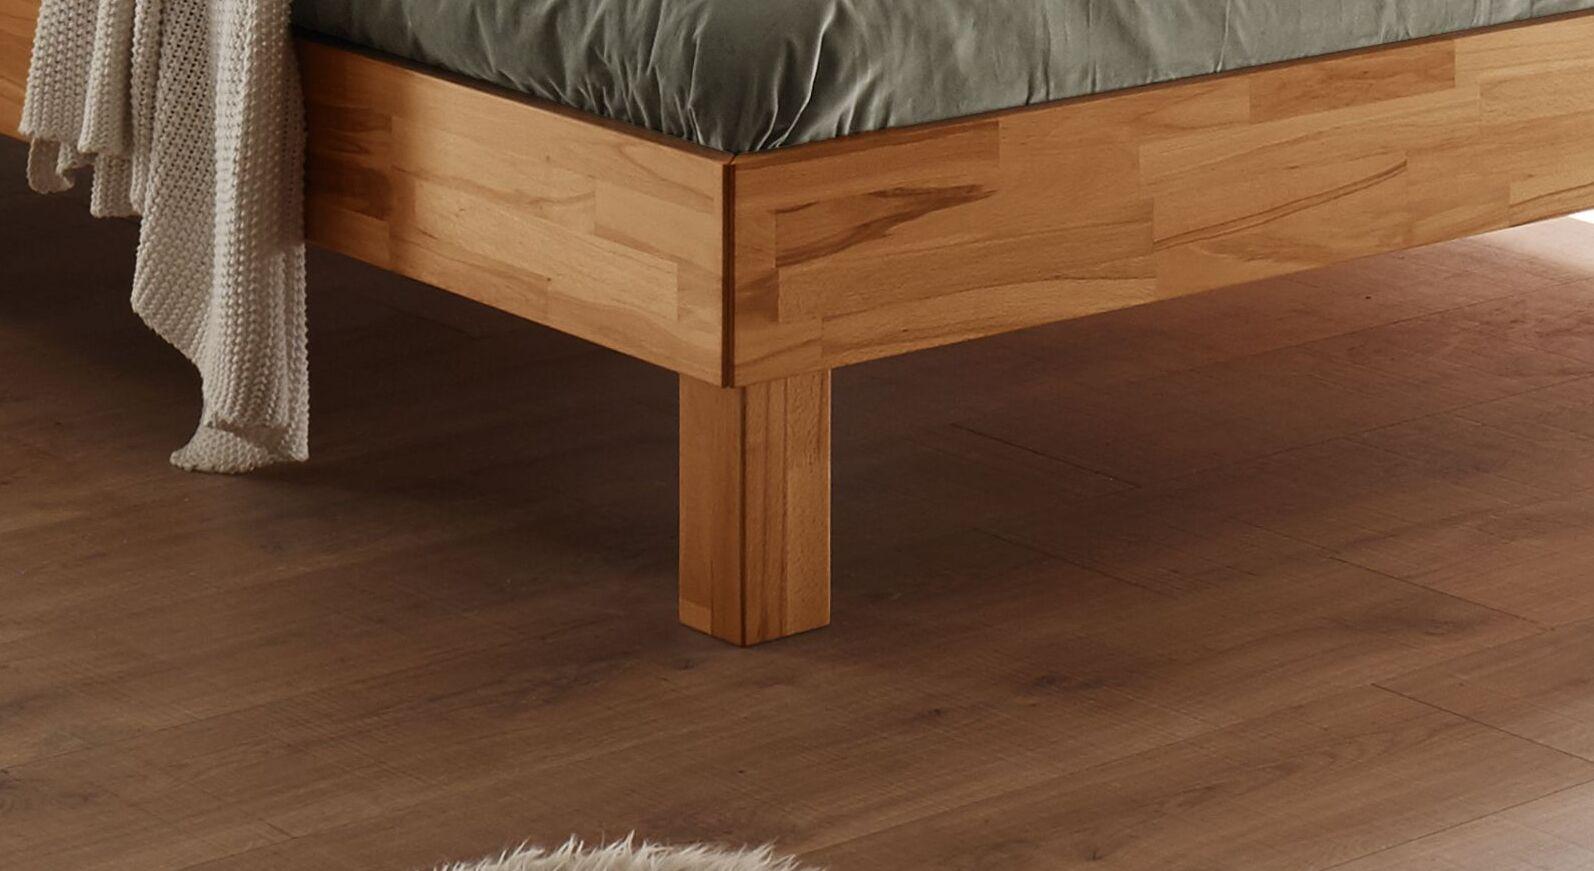 Bett Varion mit 20 cm hohen Blockfüßen